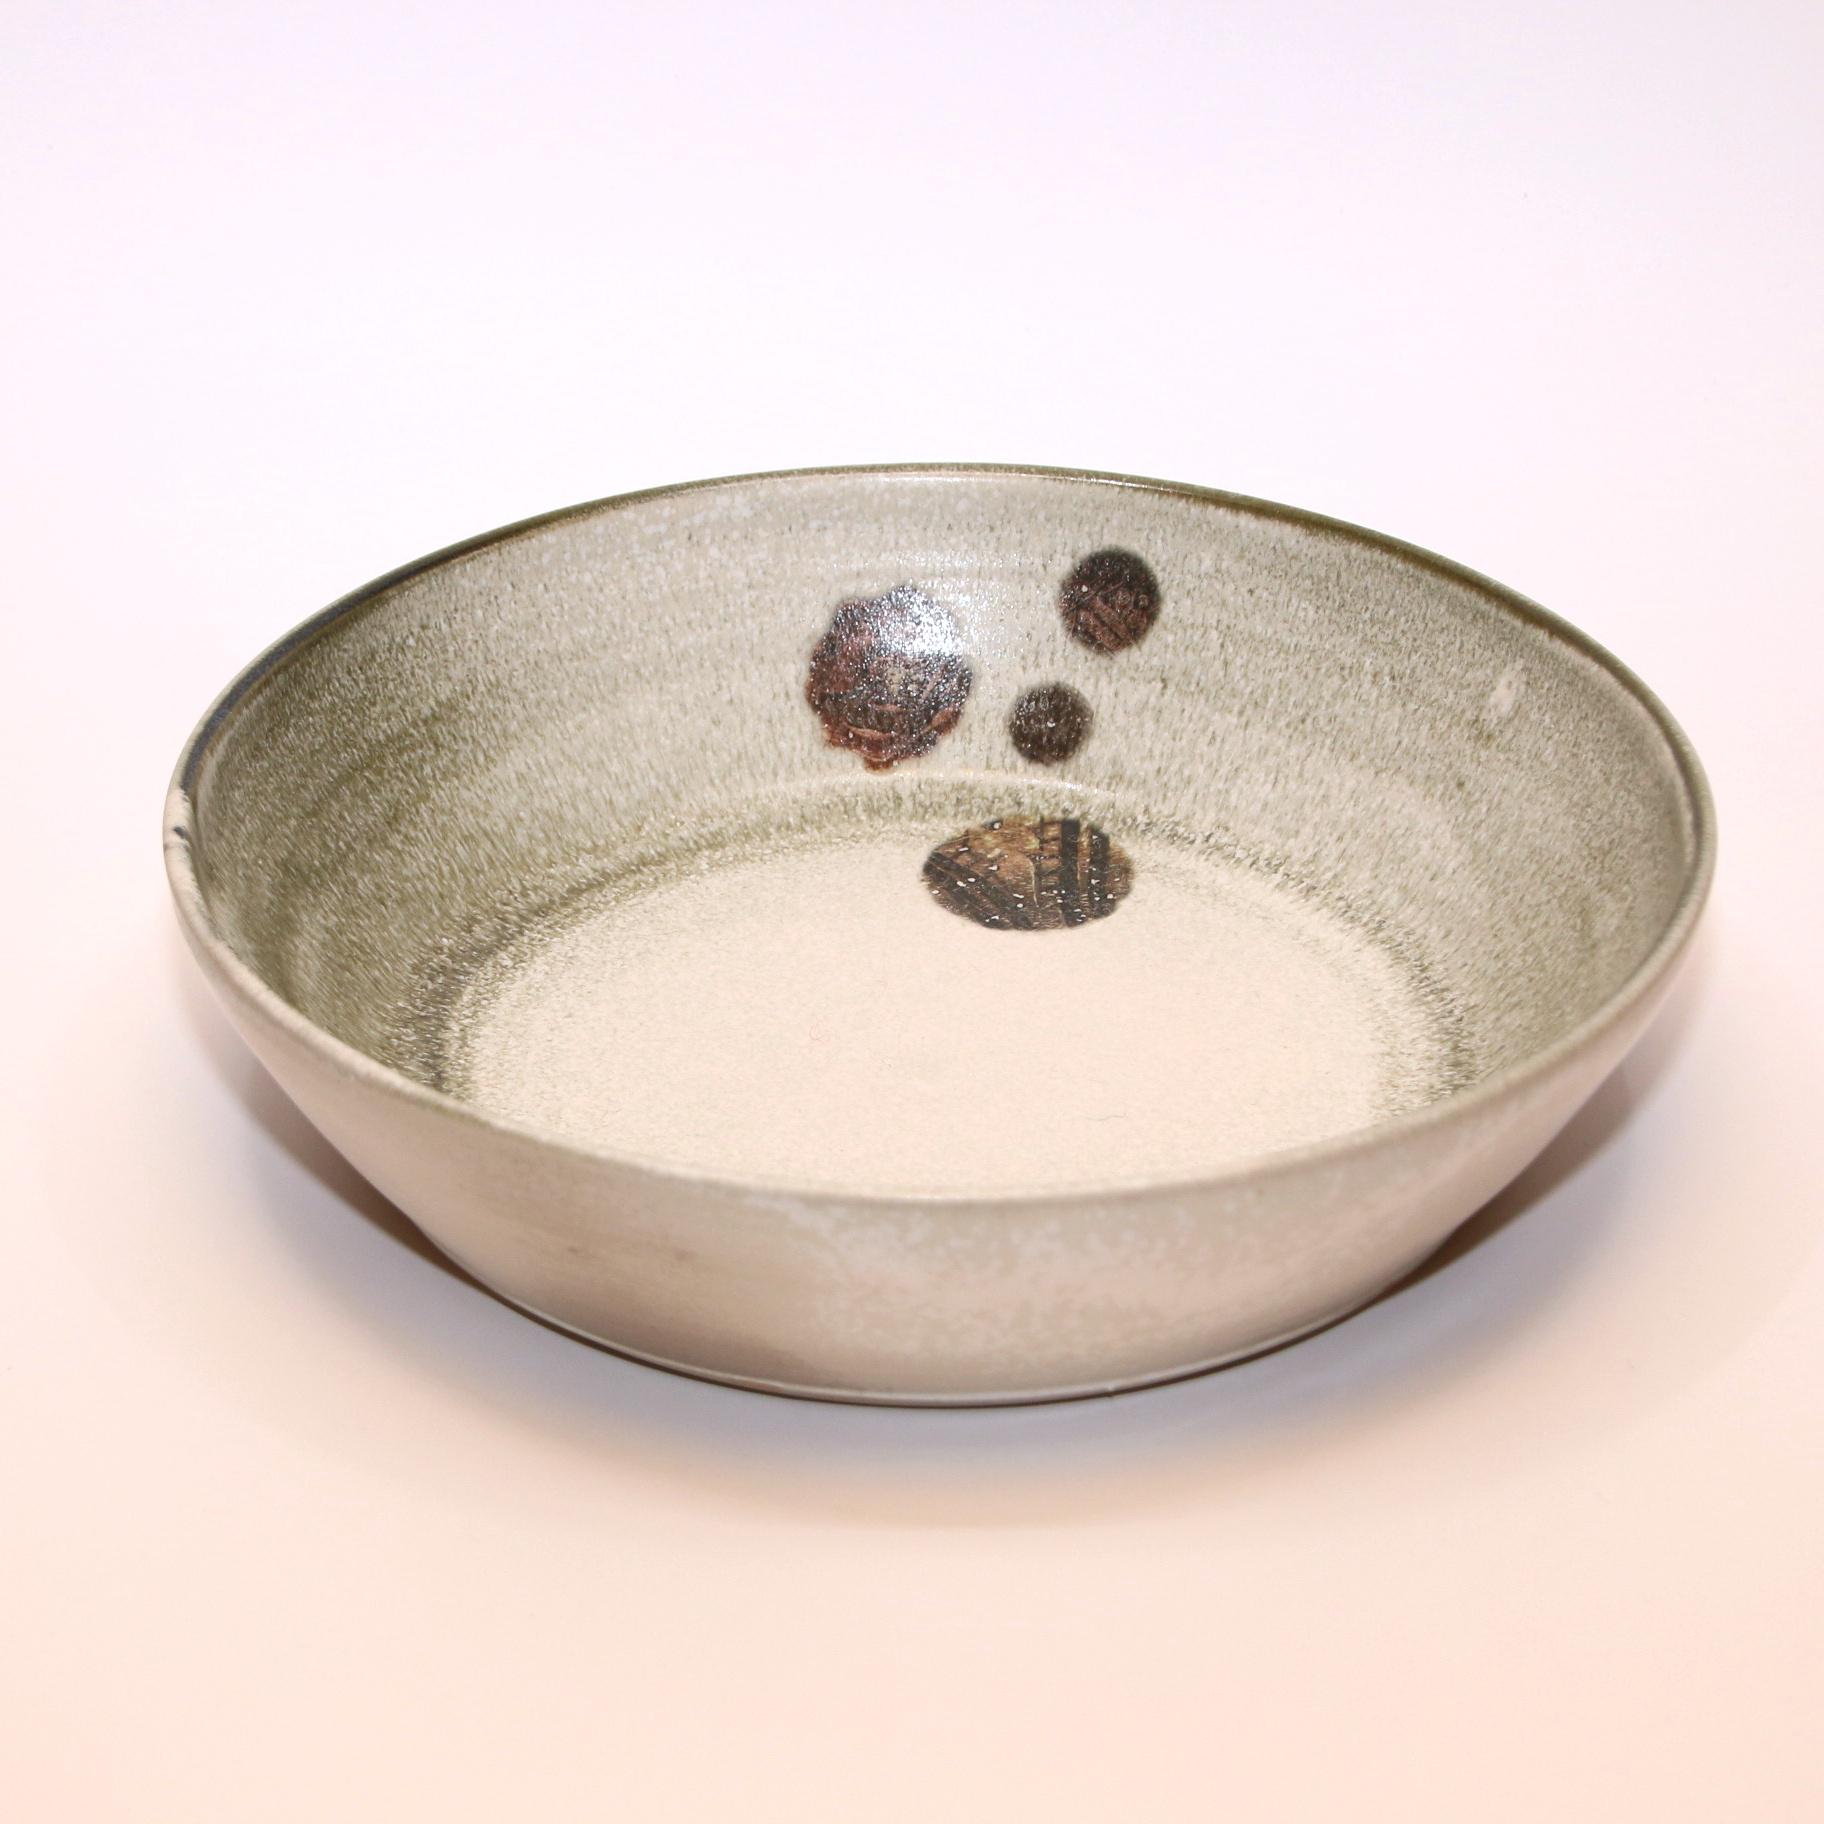 Atelier Caro-K Unieke ambachtelijk gemaakt keramieken schaal met een detail uit het Lam Gods - Atelier Caro-K - Diameter 30 cm